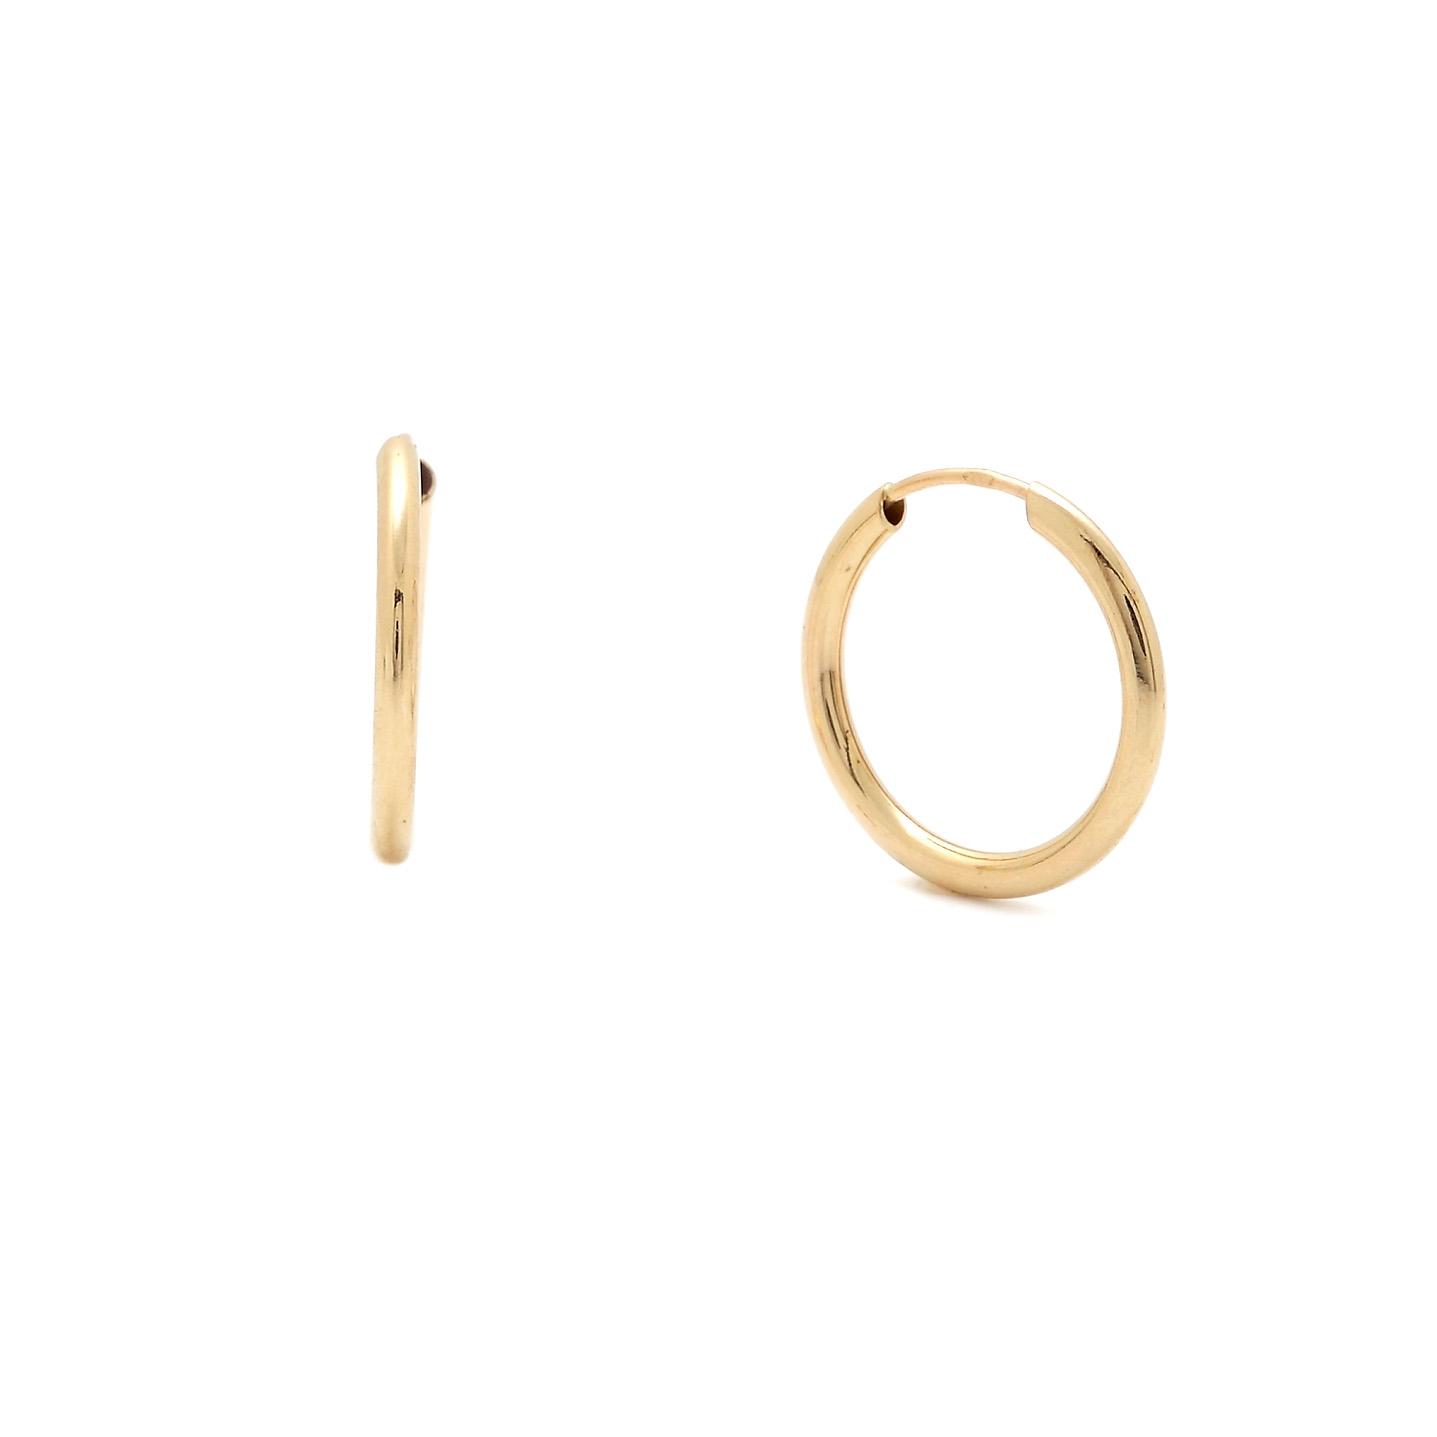 Zlaté náušnice FREJA - malé kruhy